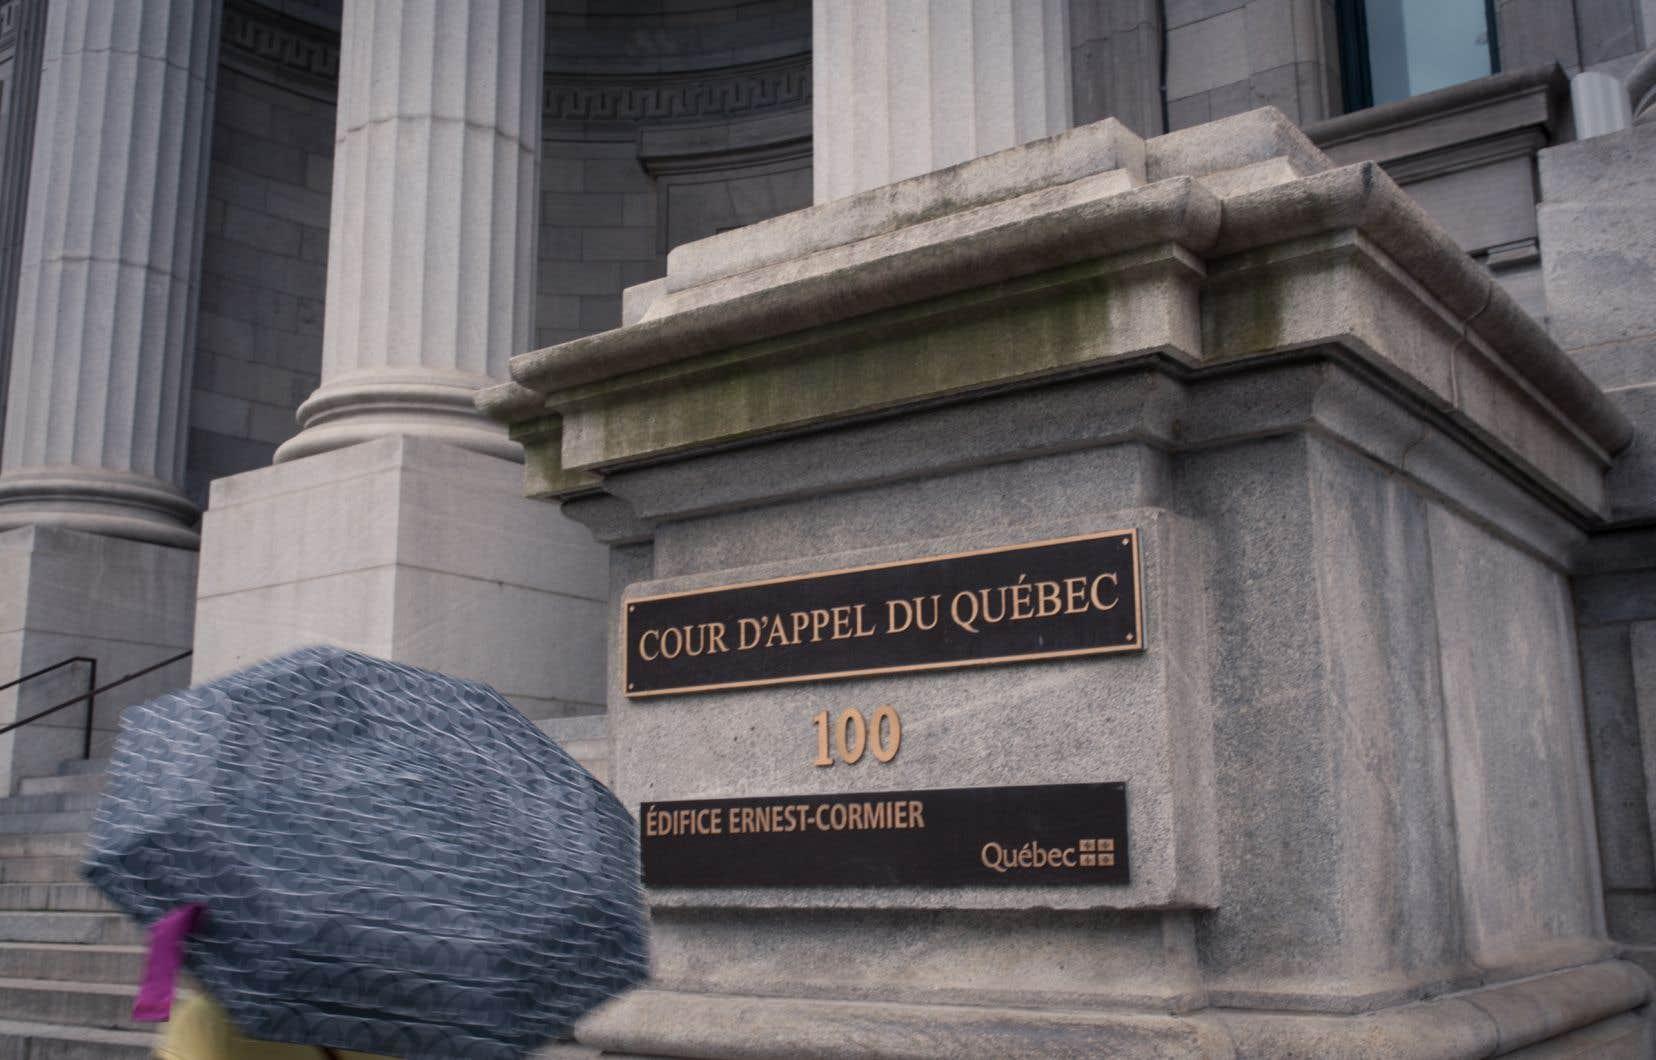 L'appel porte sur un jugement de novembre 2017, rendu par la juge Chantal Tremblay de la Cour supérieure.